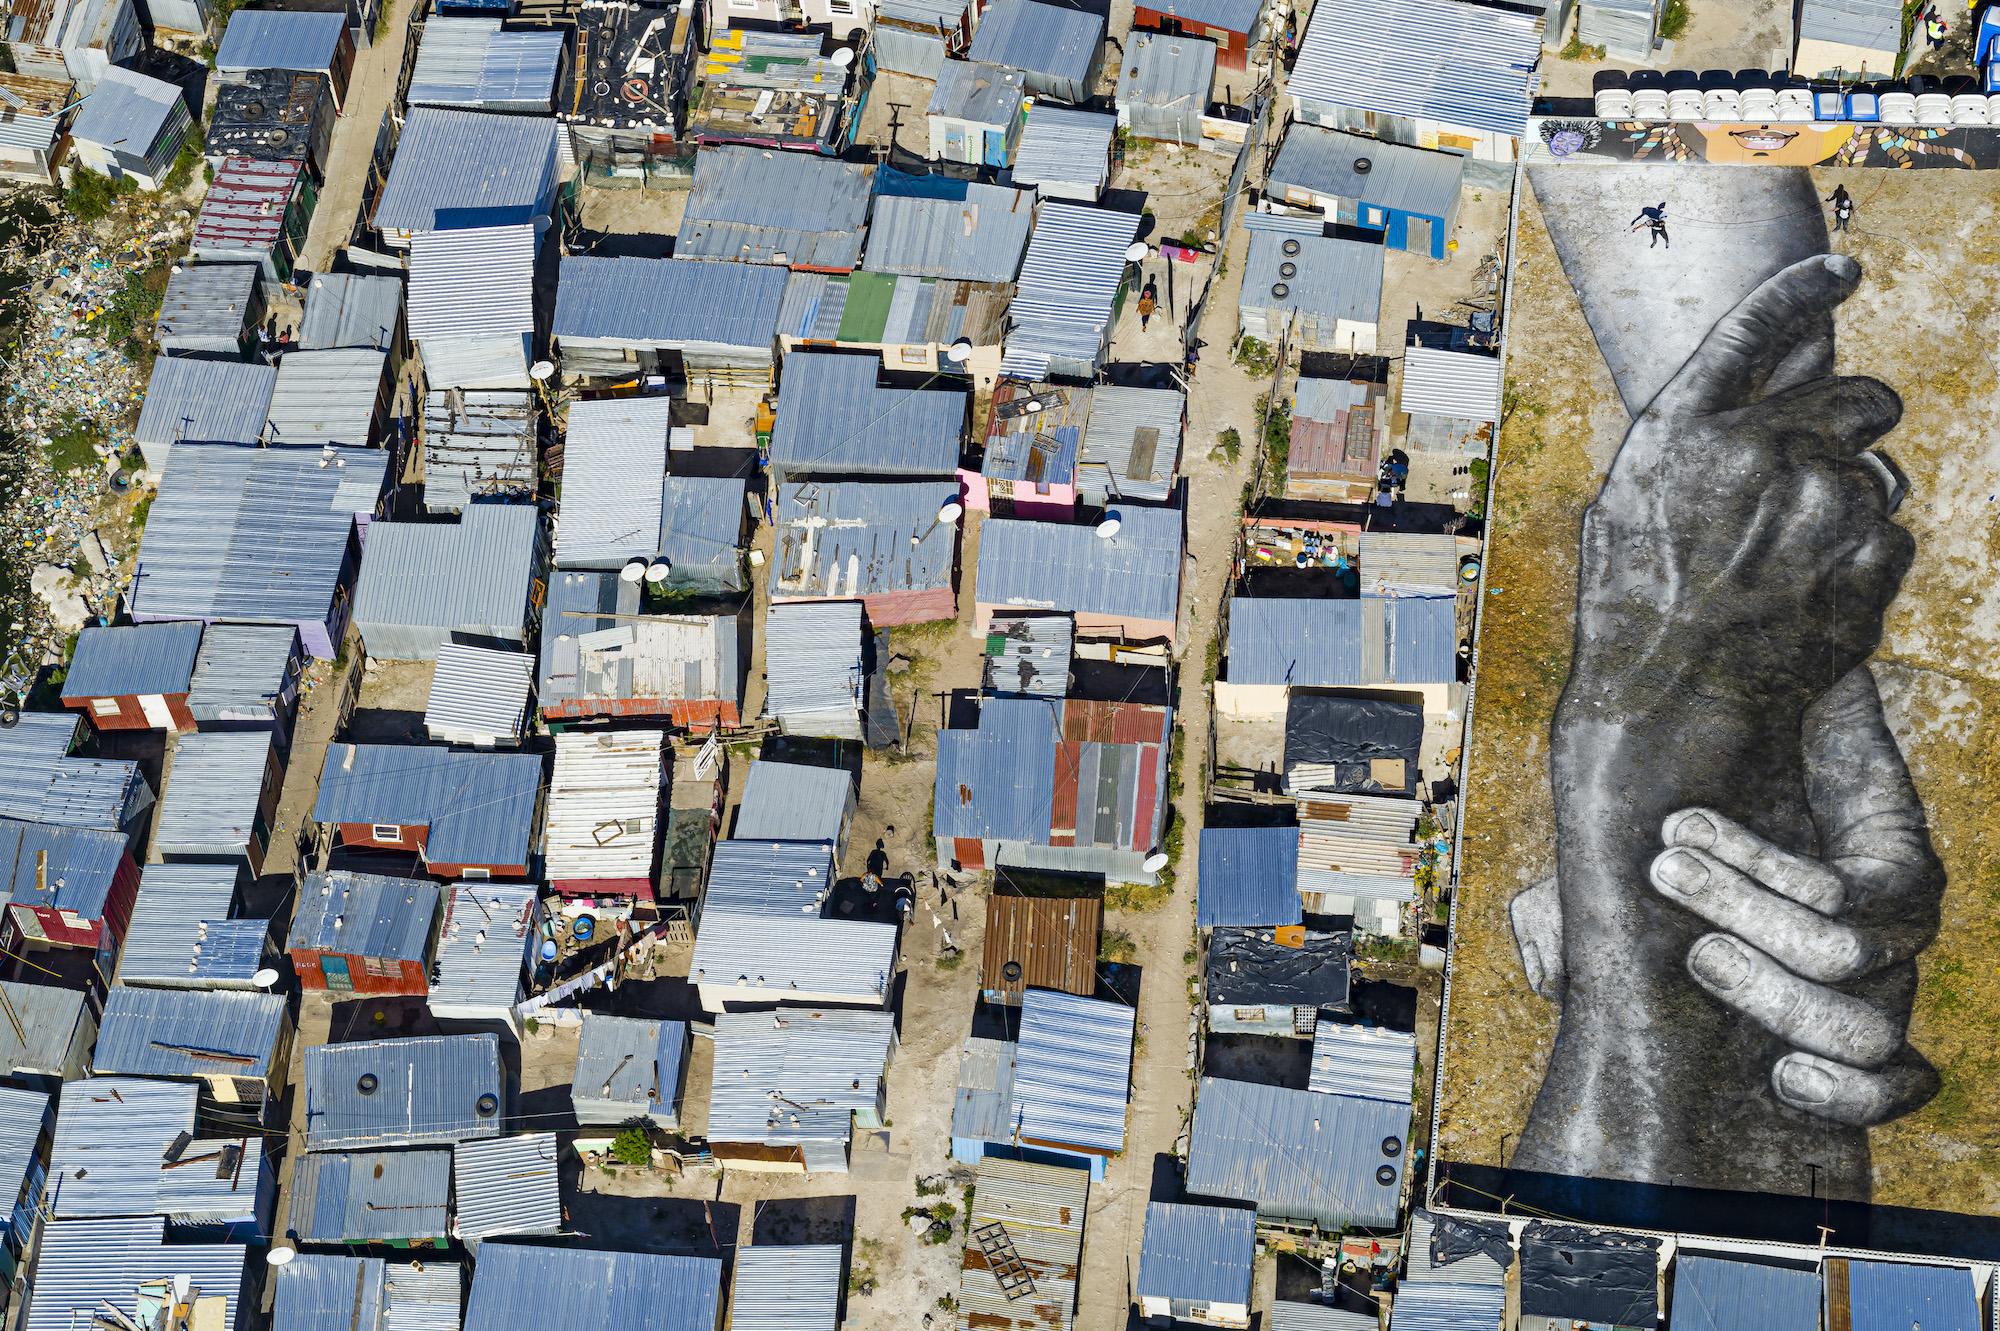 Beyond Walls, SAYPE na Cidade do Cabo Artes & contextos PRESS 05